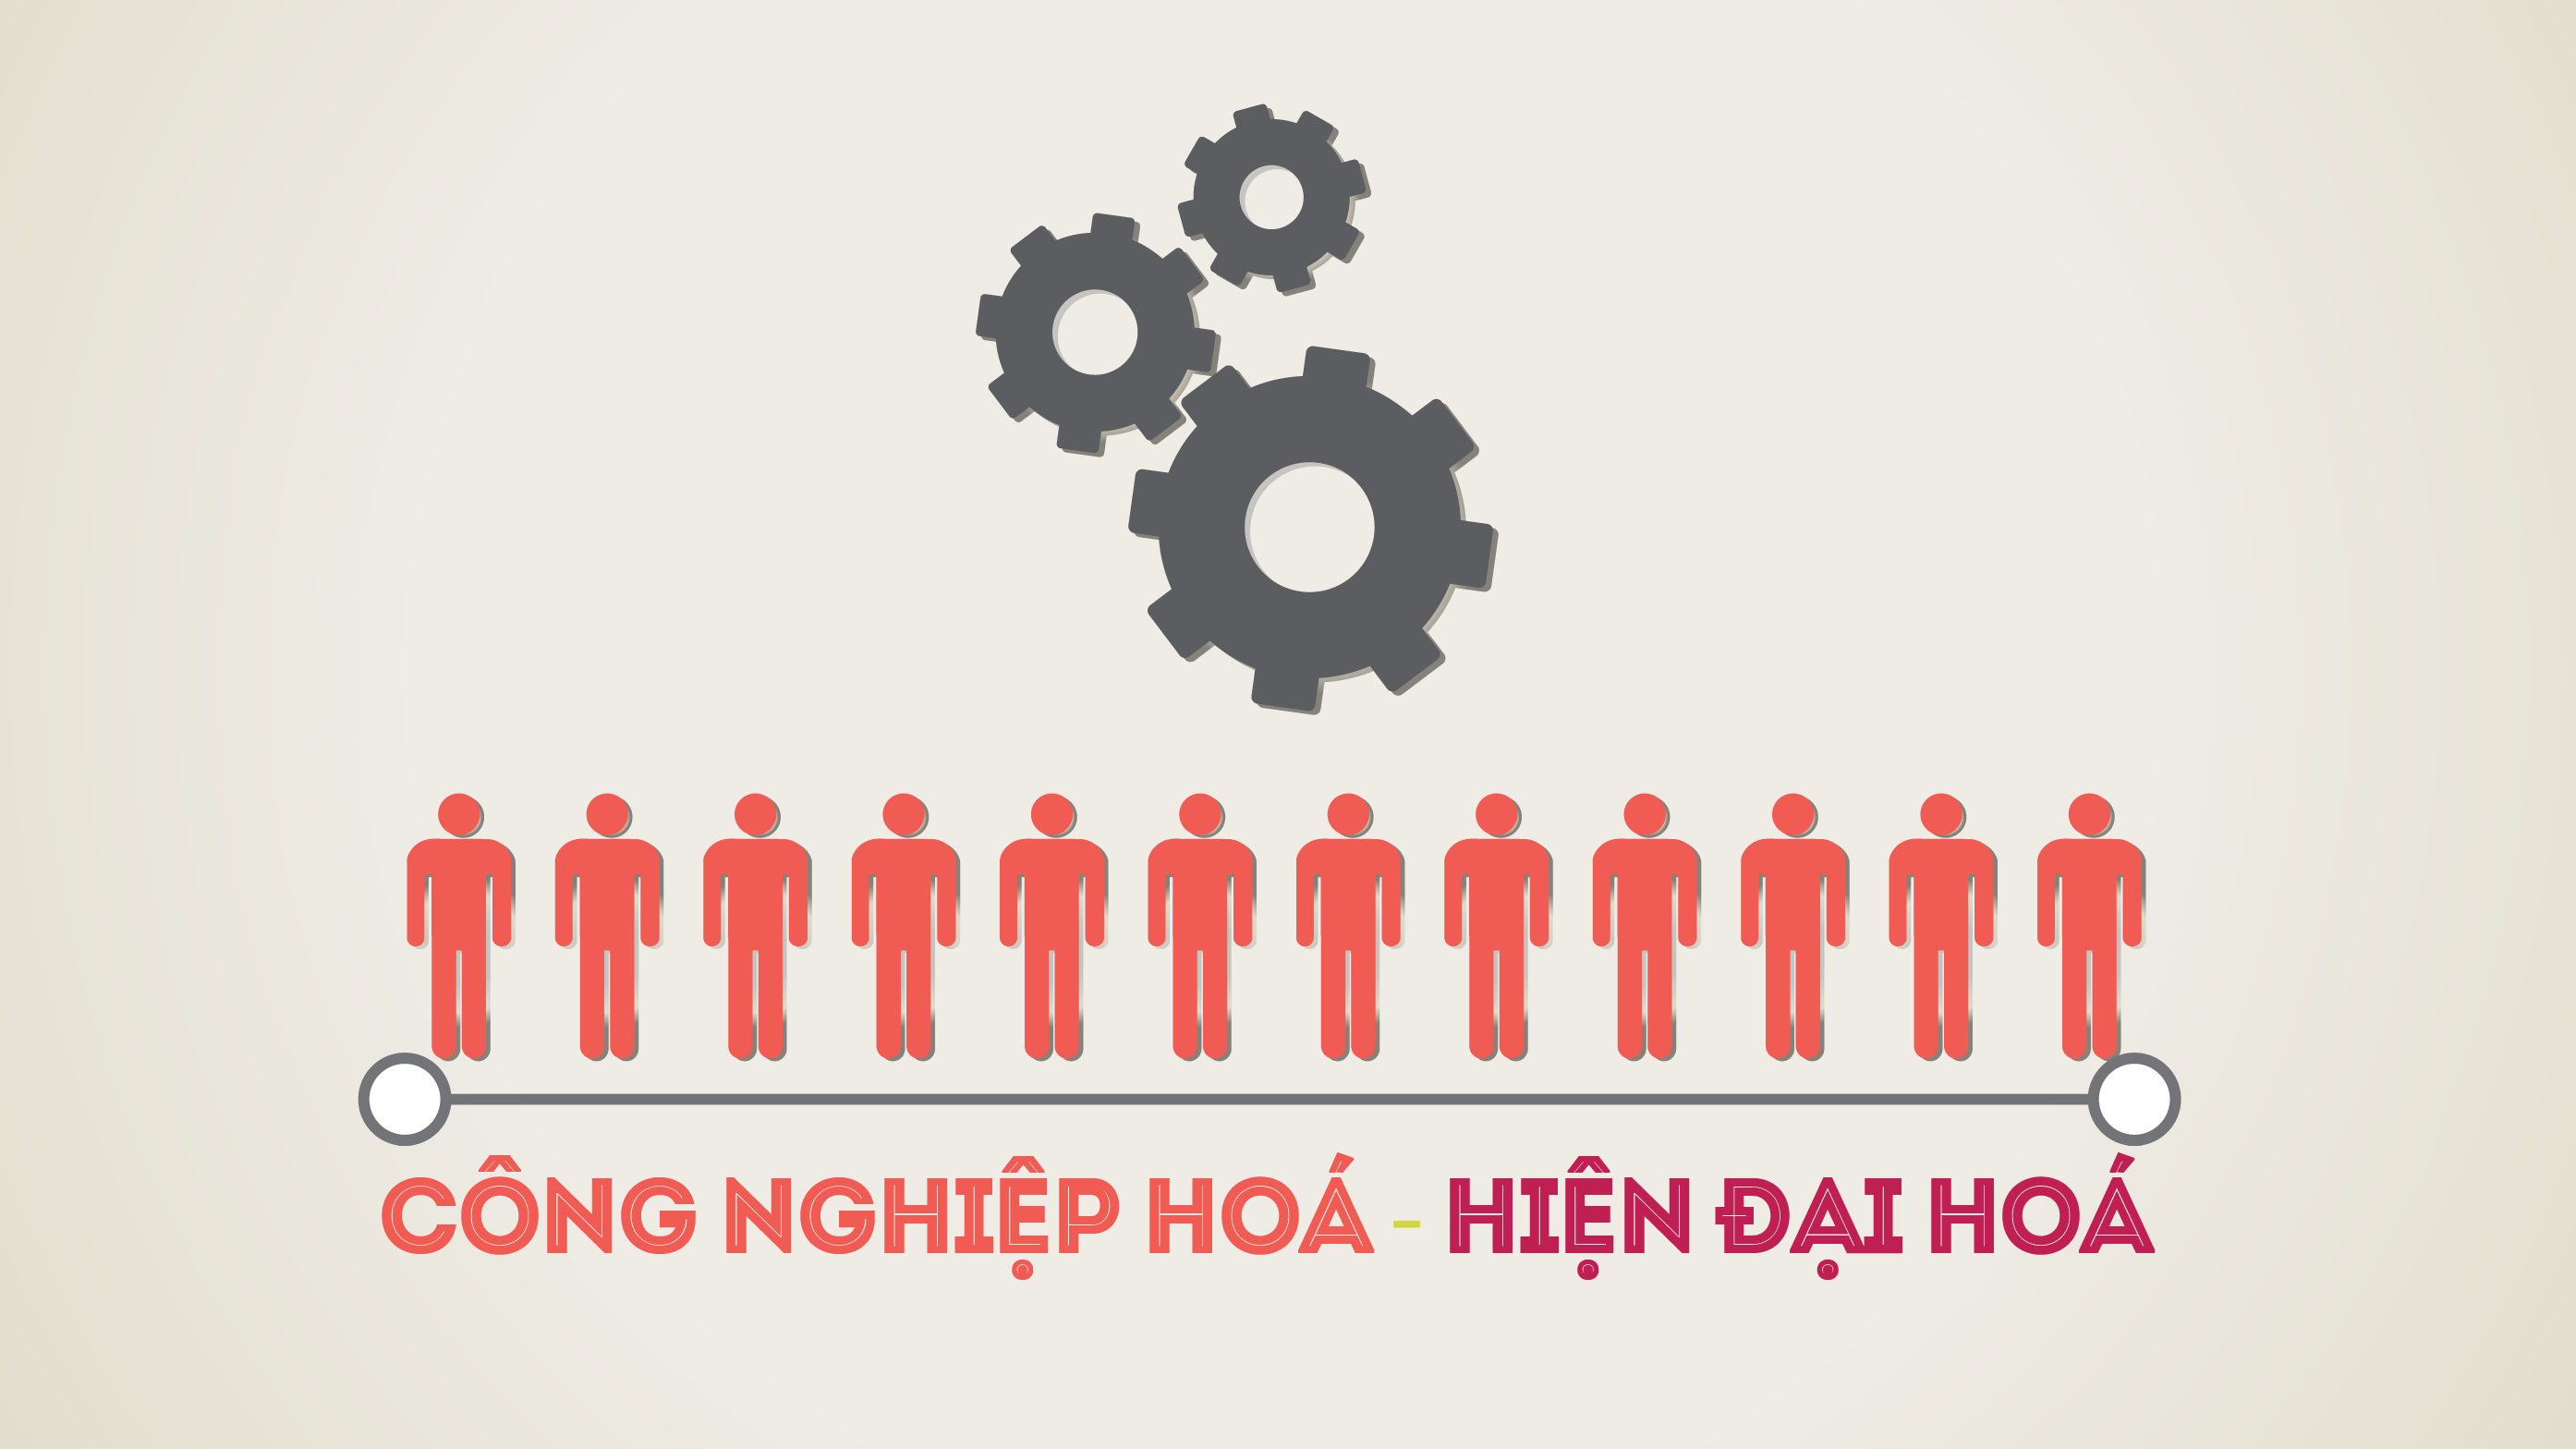 20 năm 1 chặng đường – sản phẩm cho Hội DNT Việt Nam (Motion Graphic)